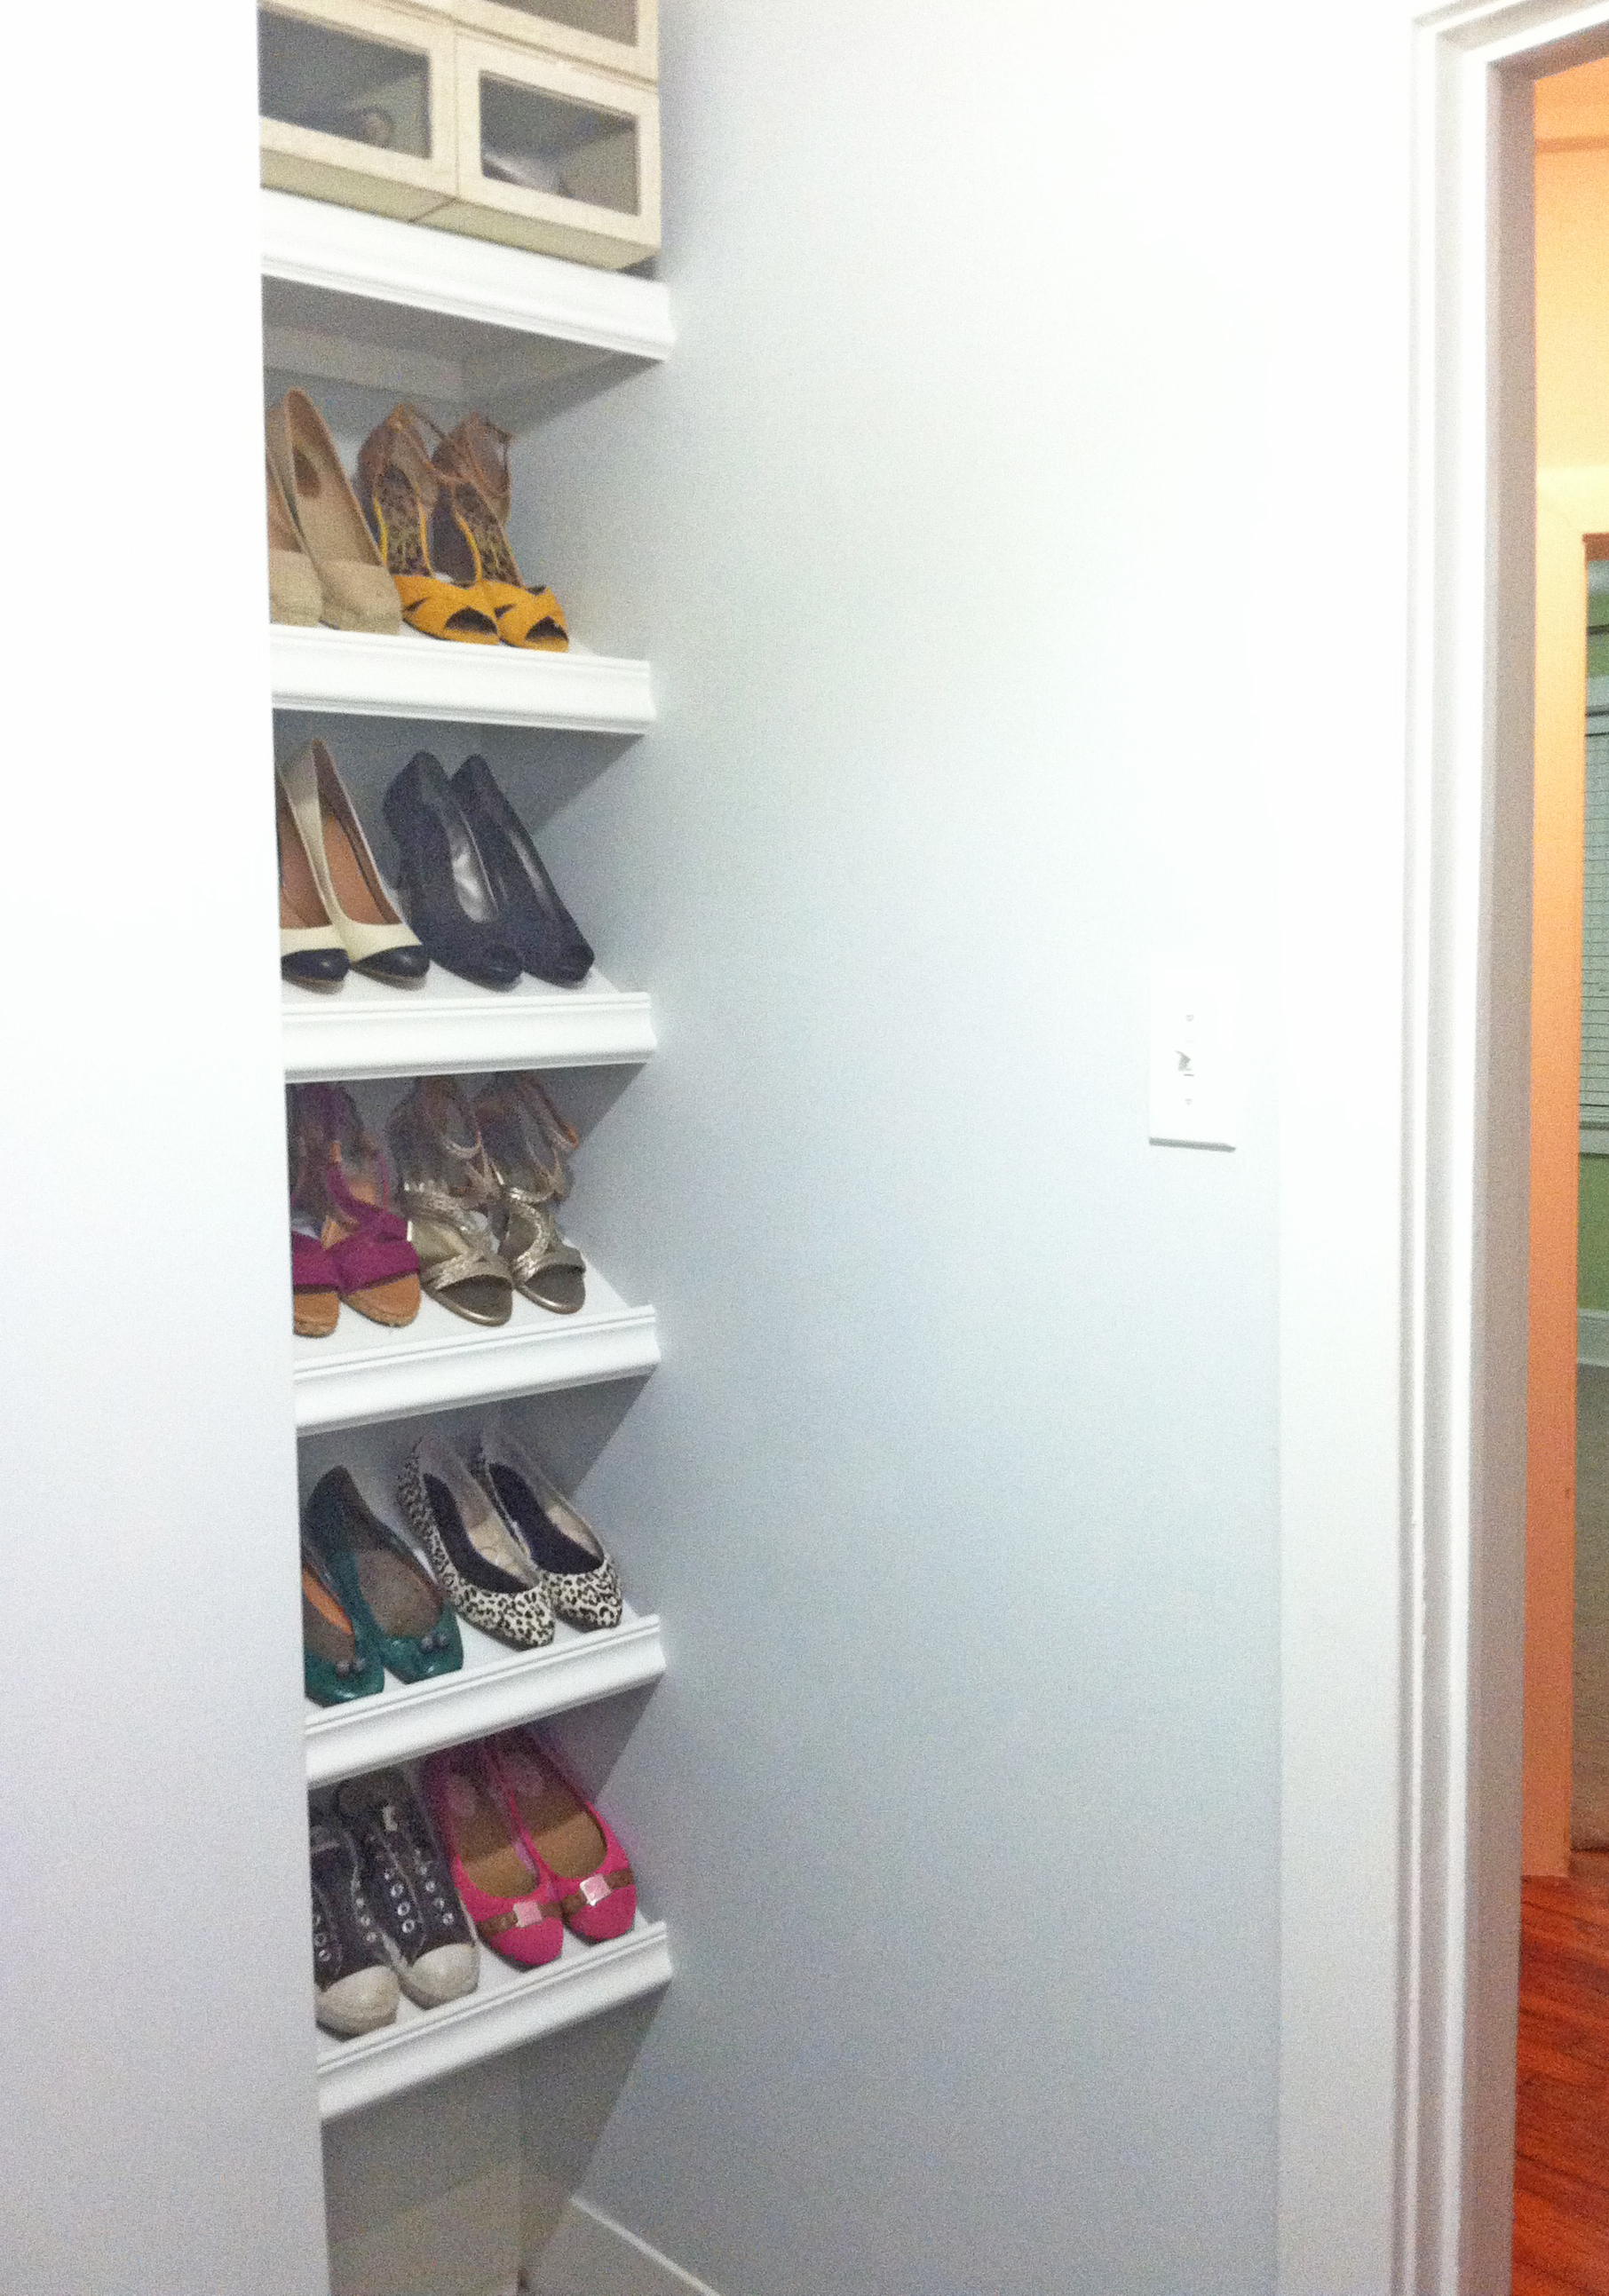 Designer Shoe Shelves on a Budget